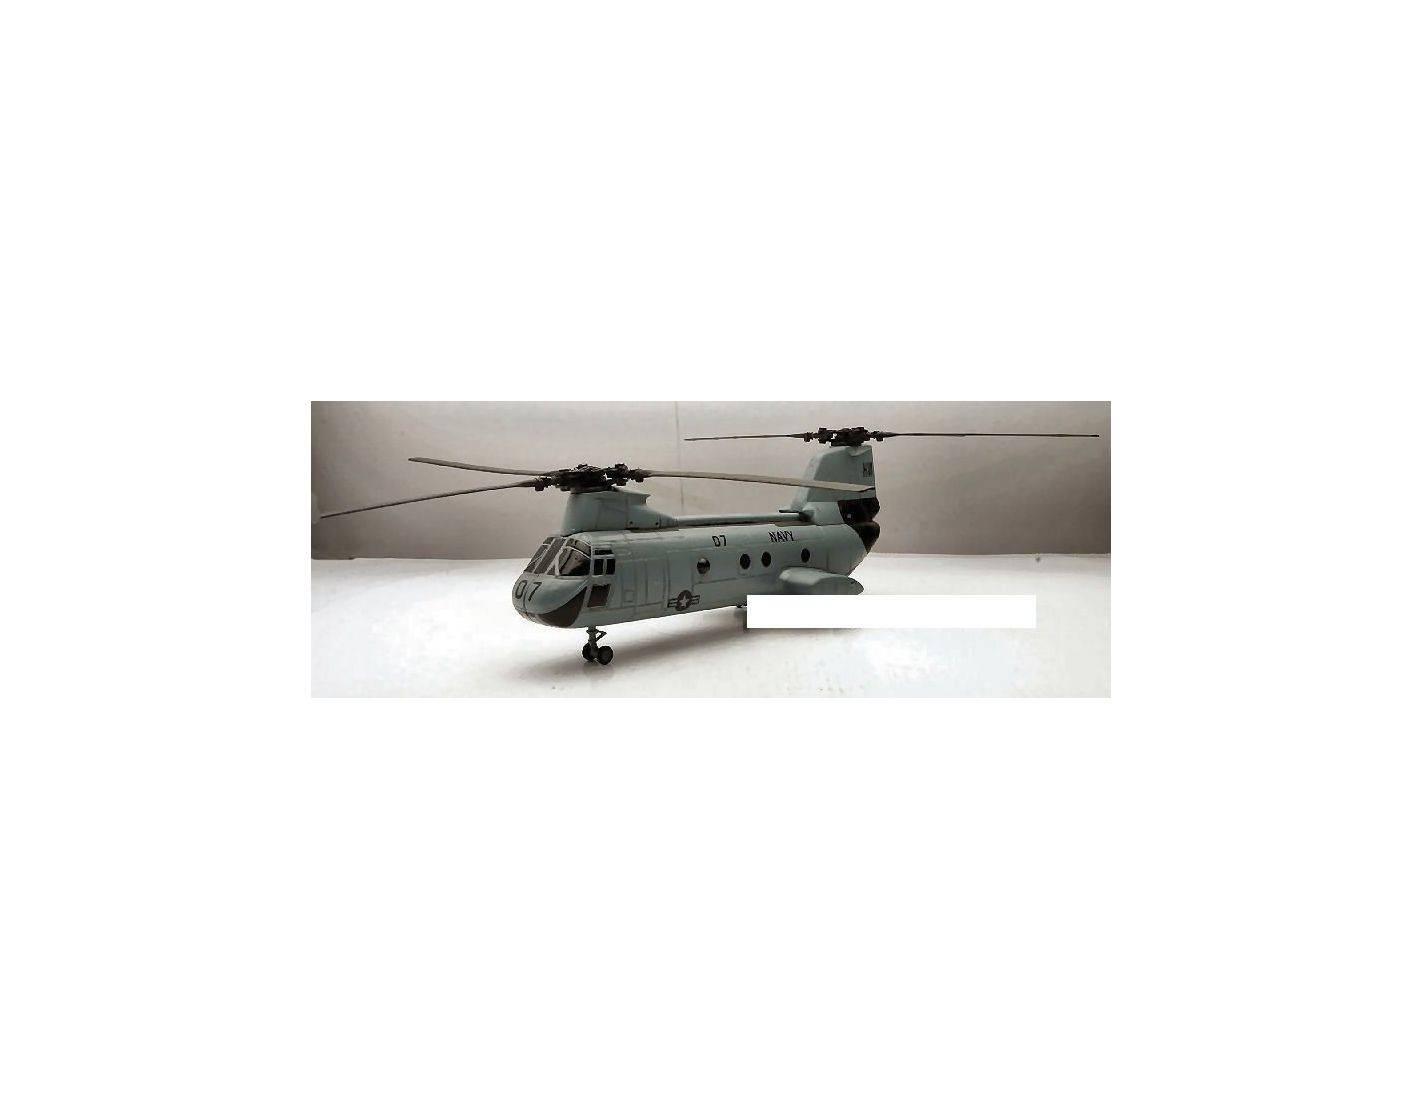 Elicottero Ch : New ray ny elicottero boeing ch marines modellino ebay